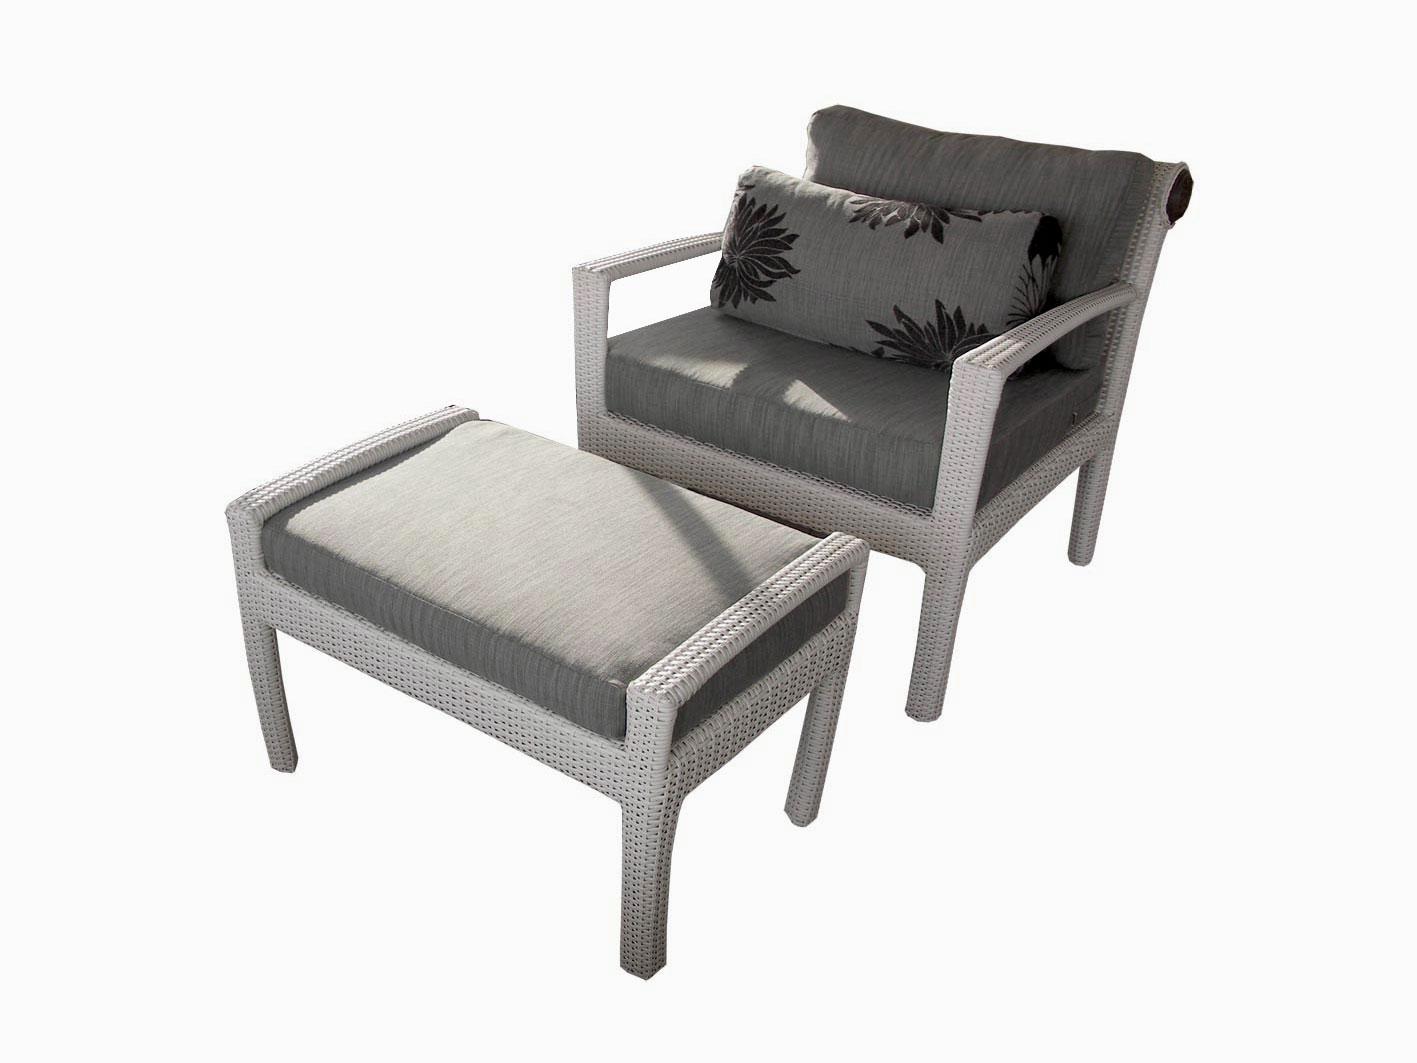 เฟอร์นิเจอร์หวายเทียม Lounge Chair Set TF0813